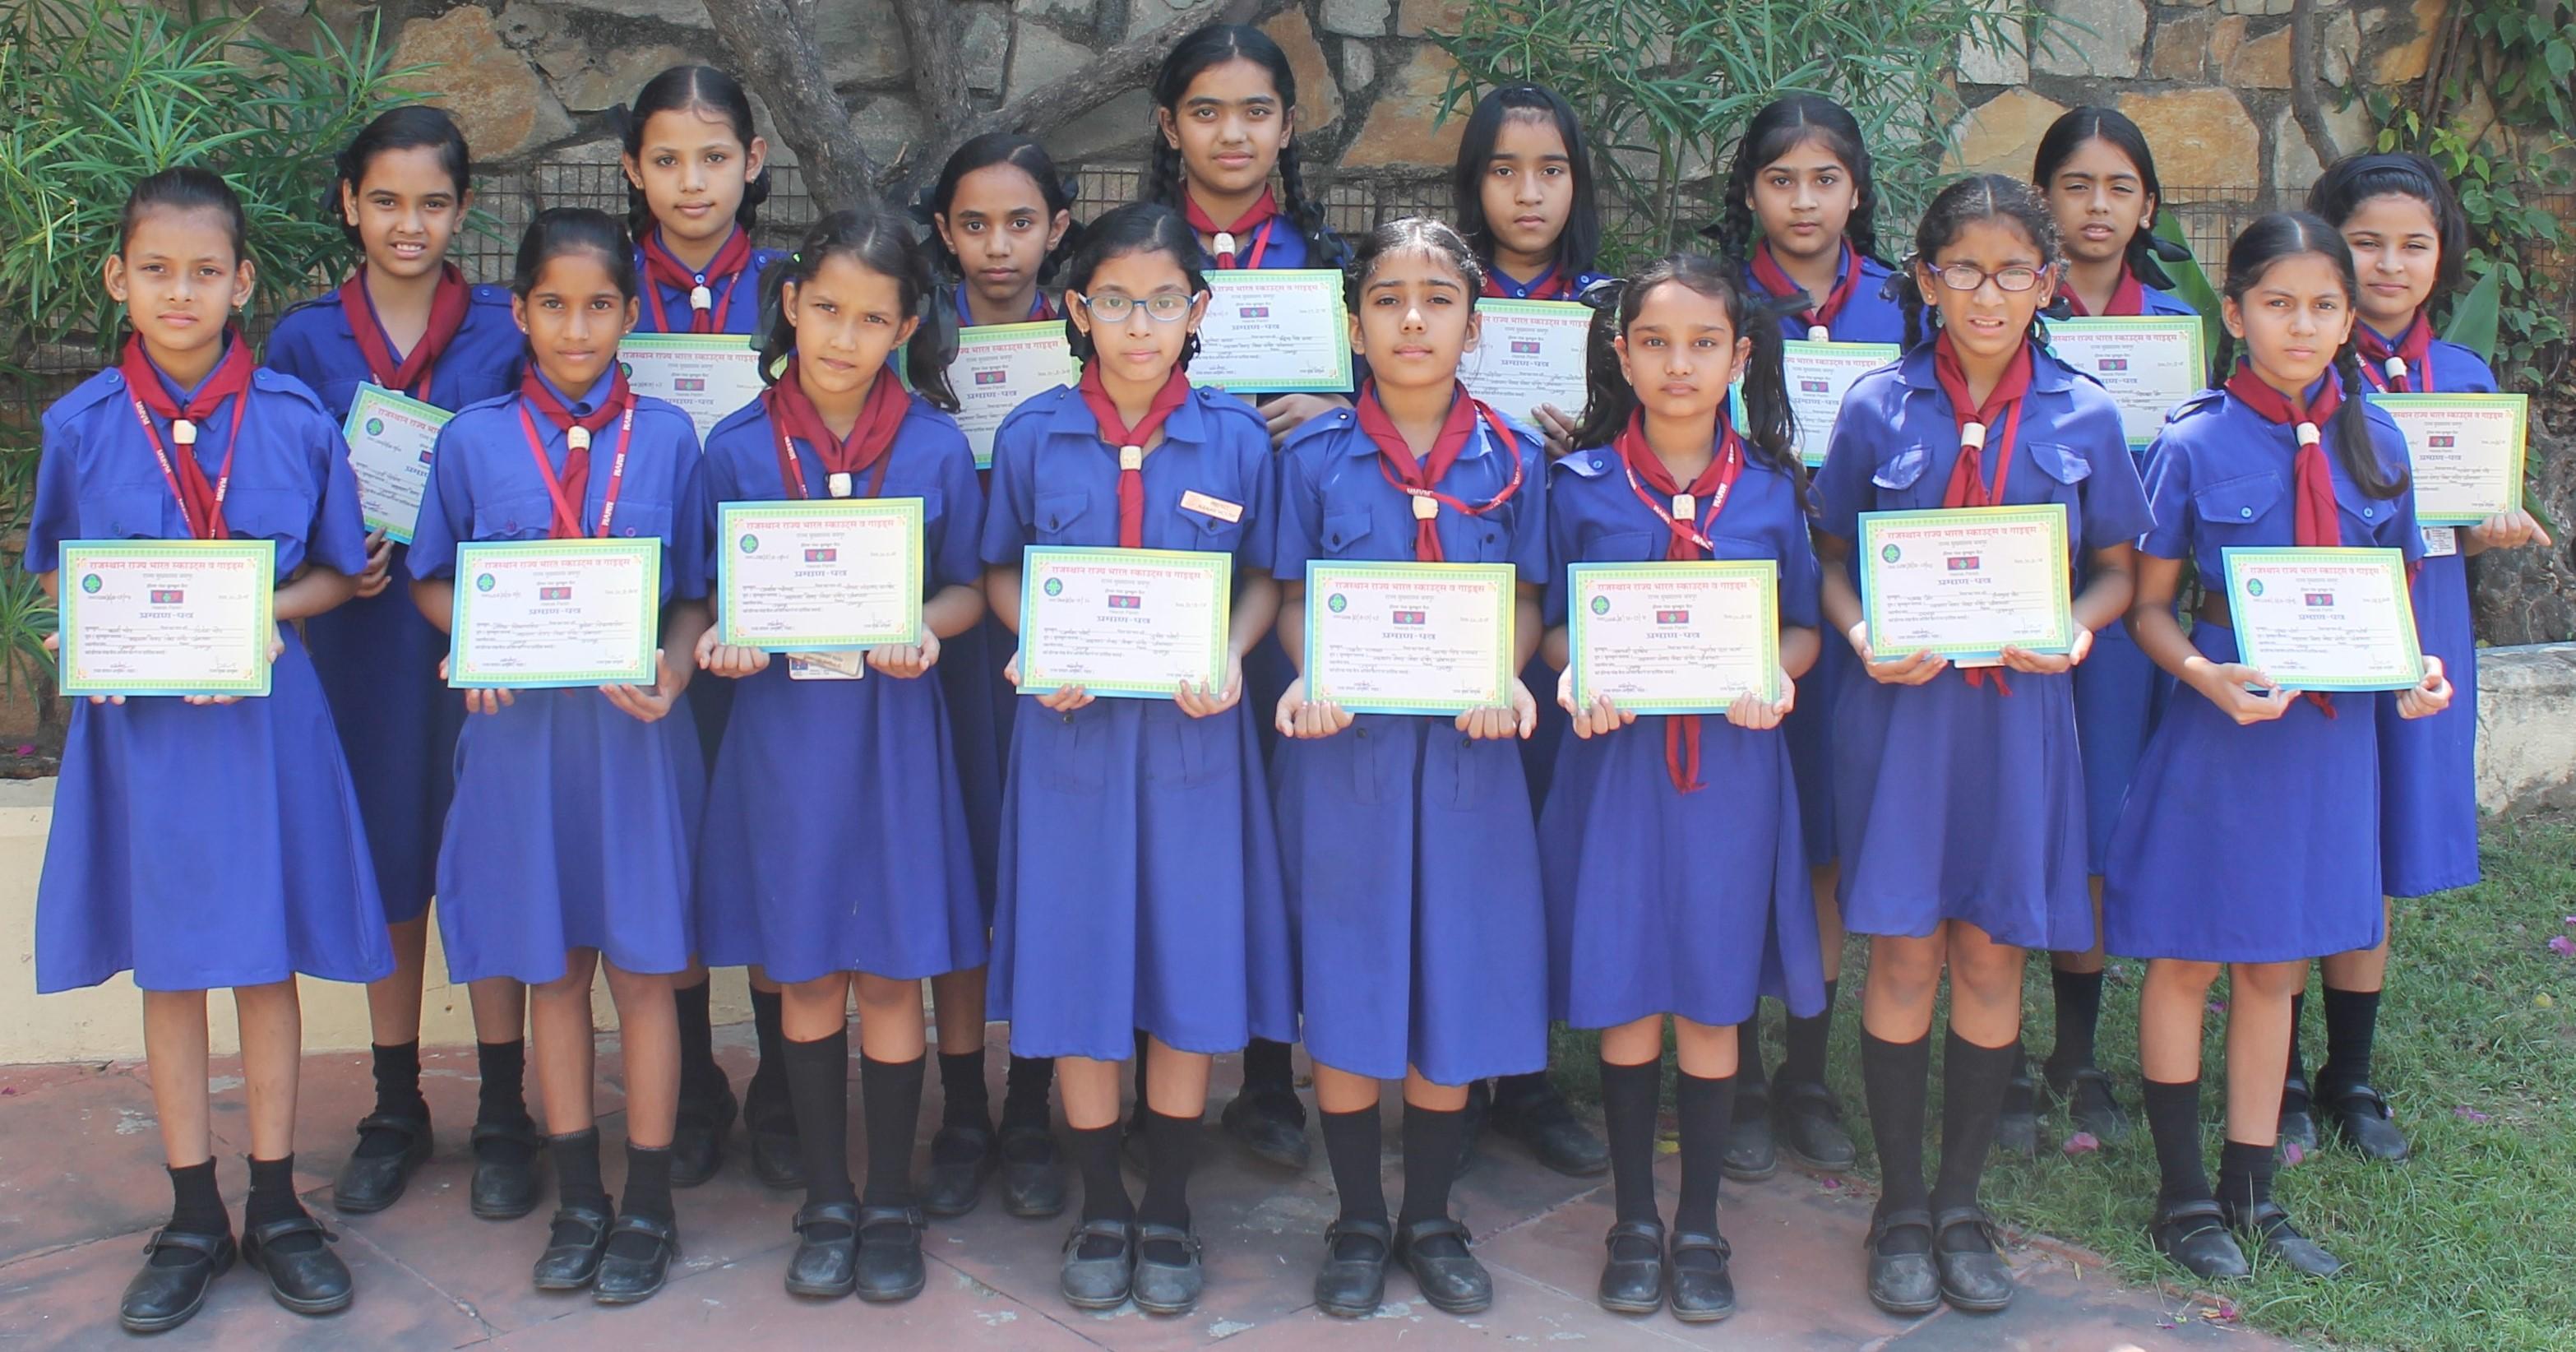 एमएमवीएम की बुलबुल छात्राओं को हीरक पंख प्रमाण पत्र